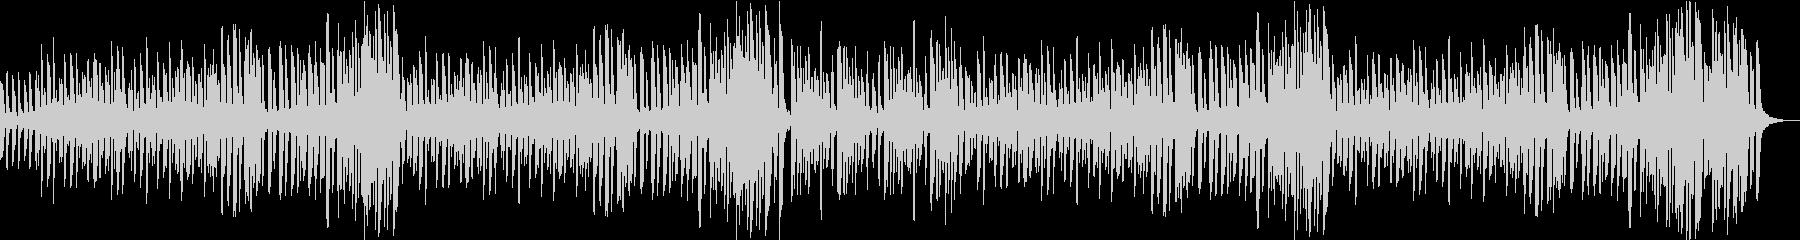 ピアノソロ/明るい/楽しい/ラグタイムの未再生の波形